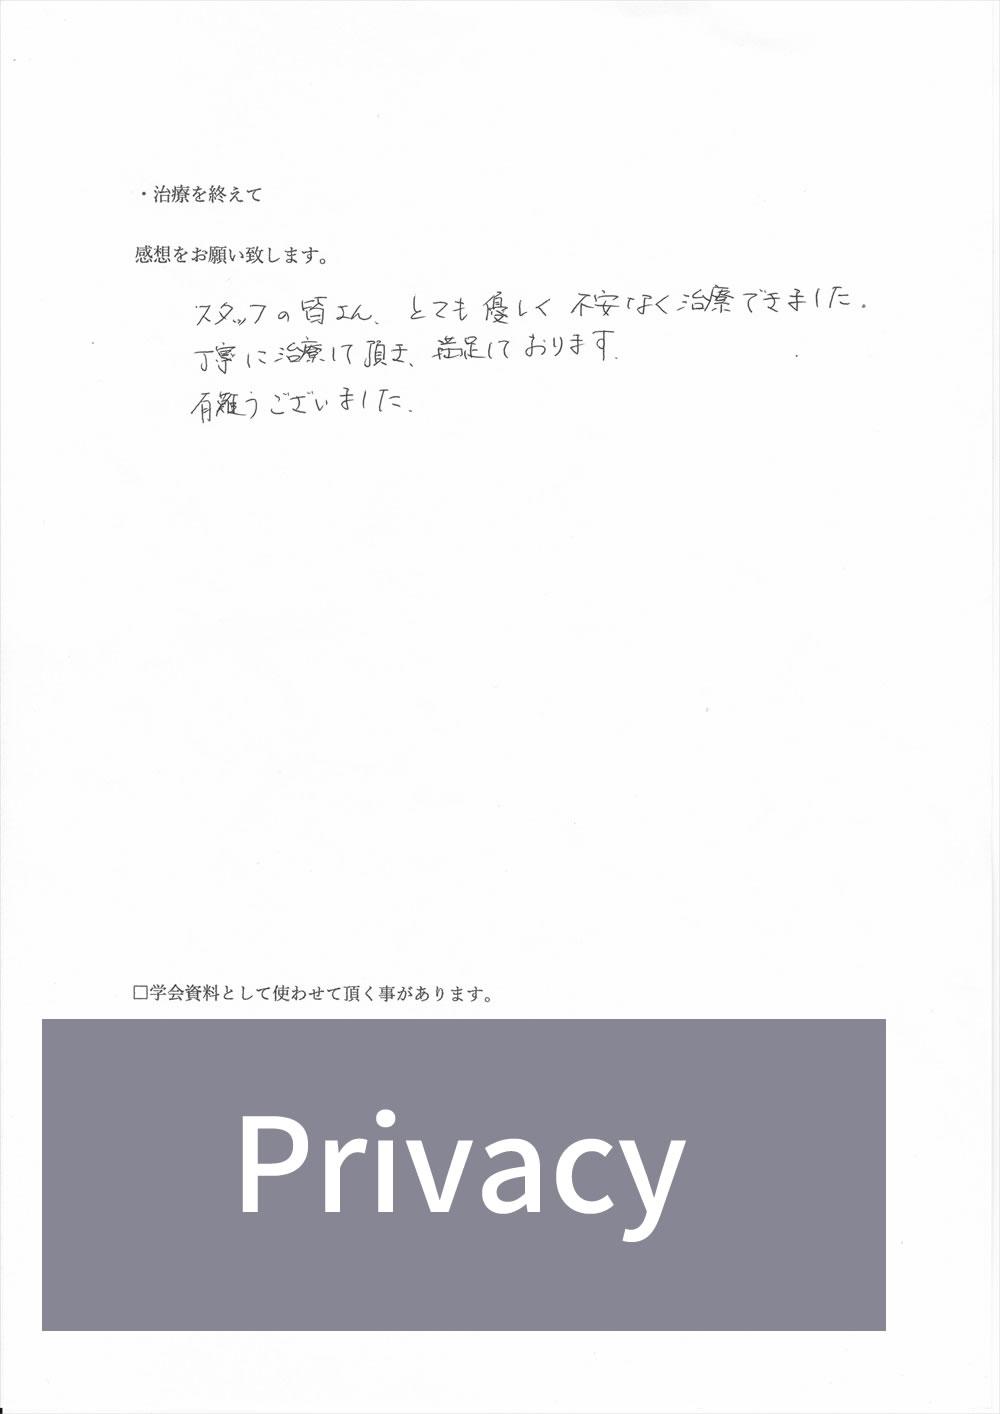 浦和もちまる歯科・矯正歯科の口コミ・評判アンケート9